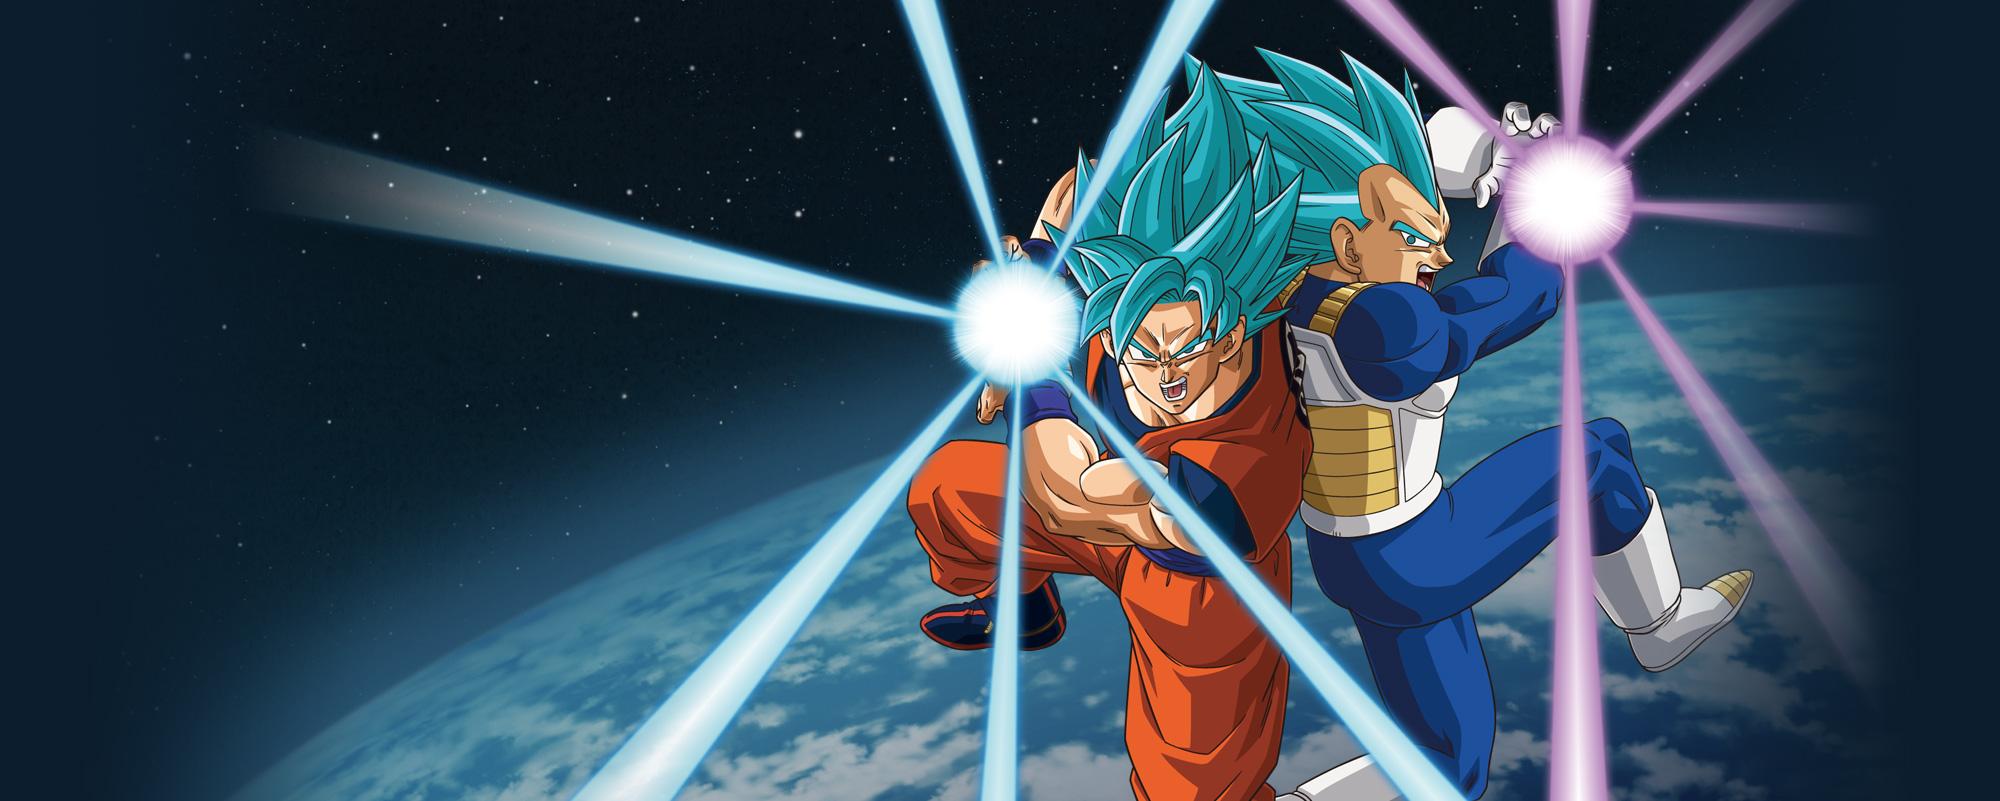 Goku Vegeta Ssgss Wallpaper Website By Maxiuchiha22 On